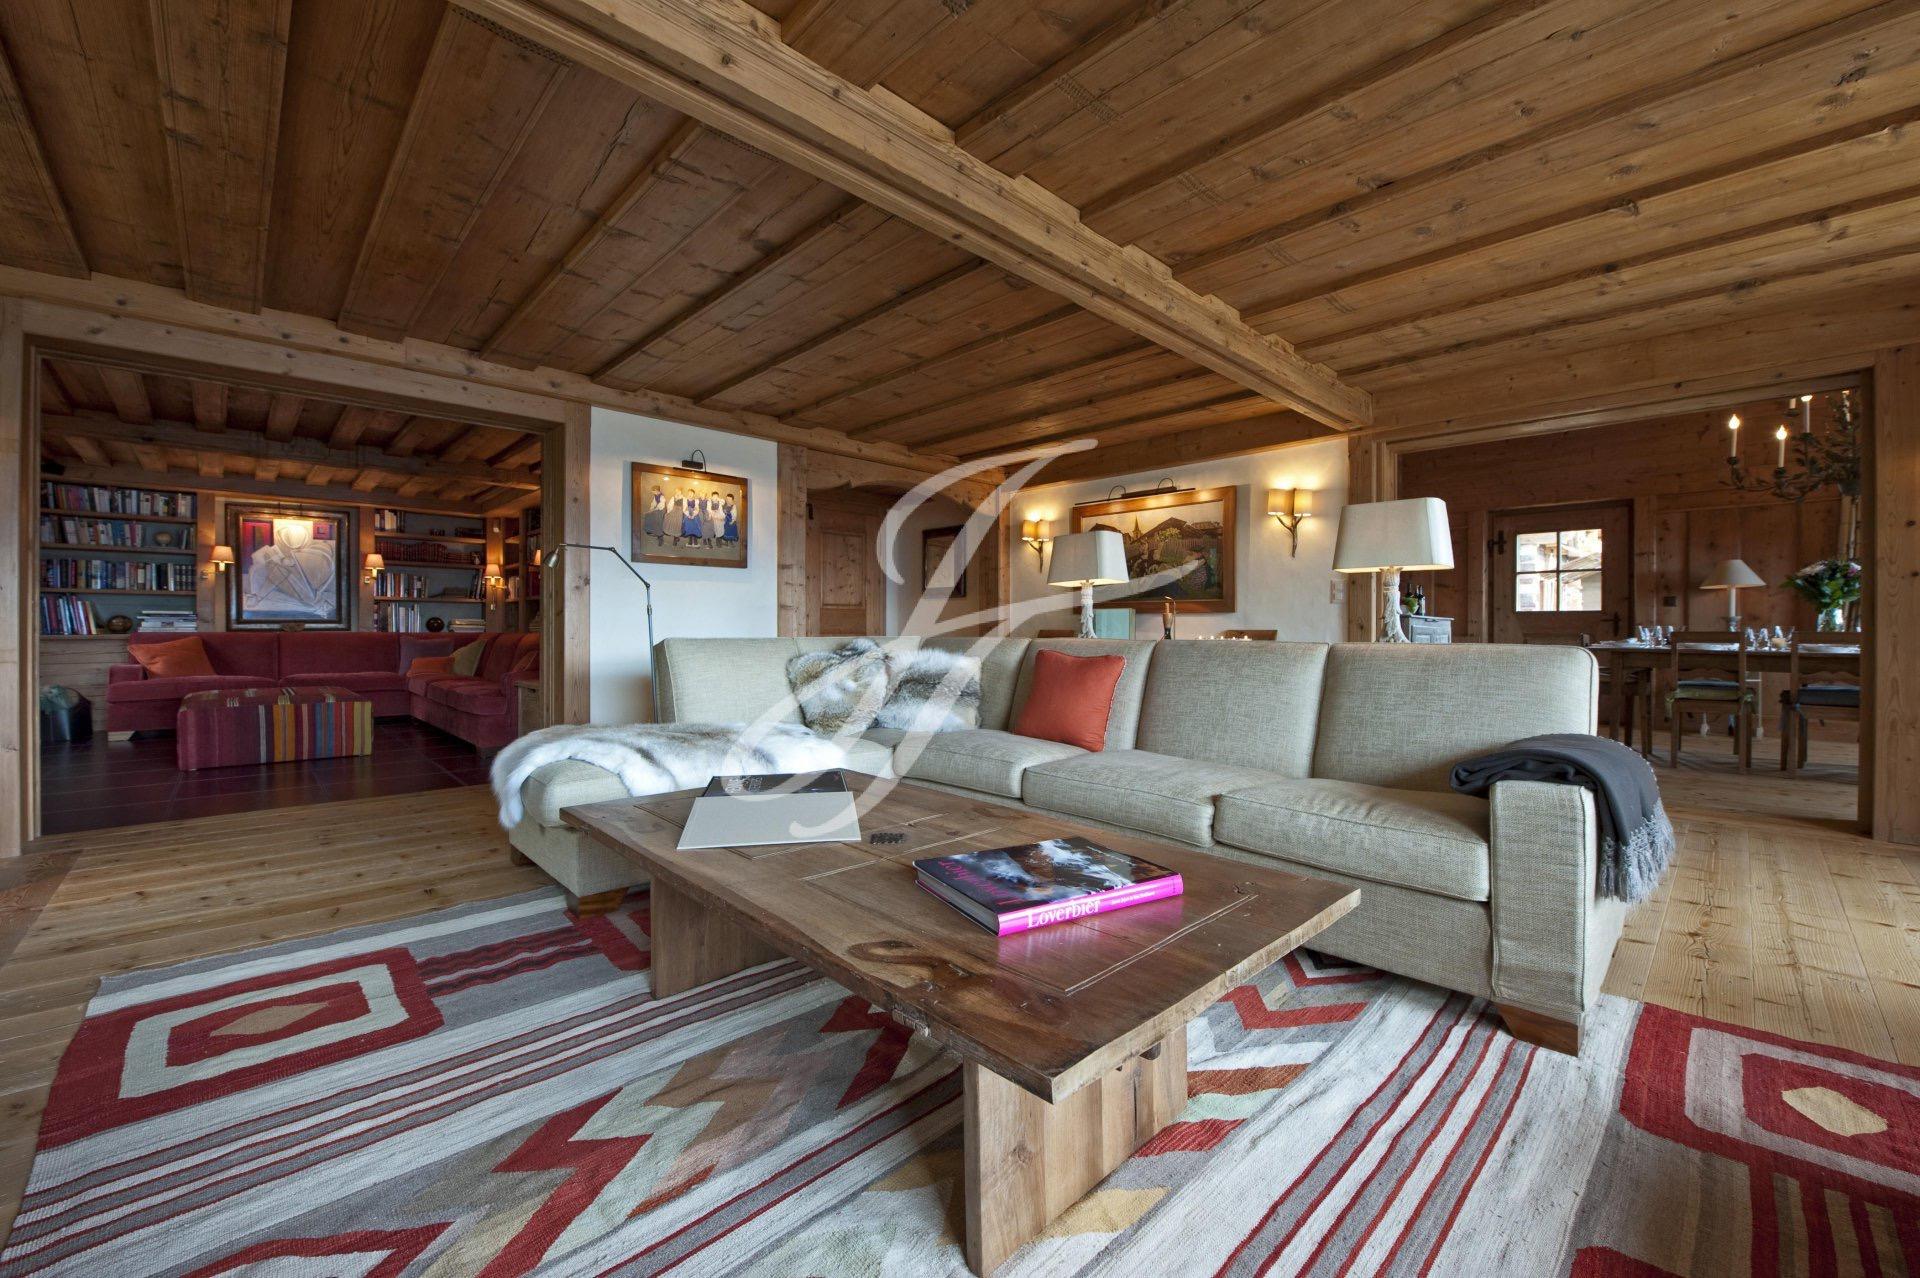 Luxurious chalet in Switzerland, ski resort Verbier, Alps